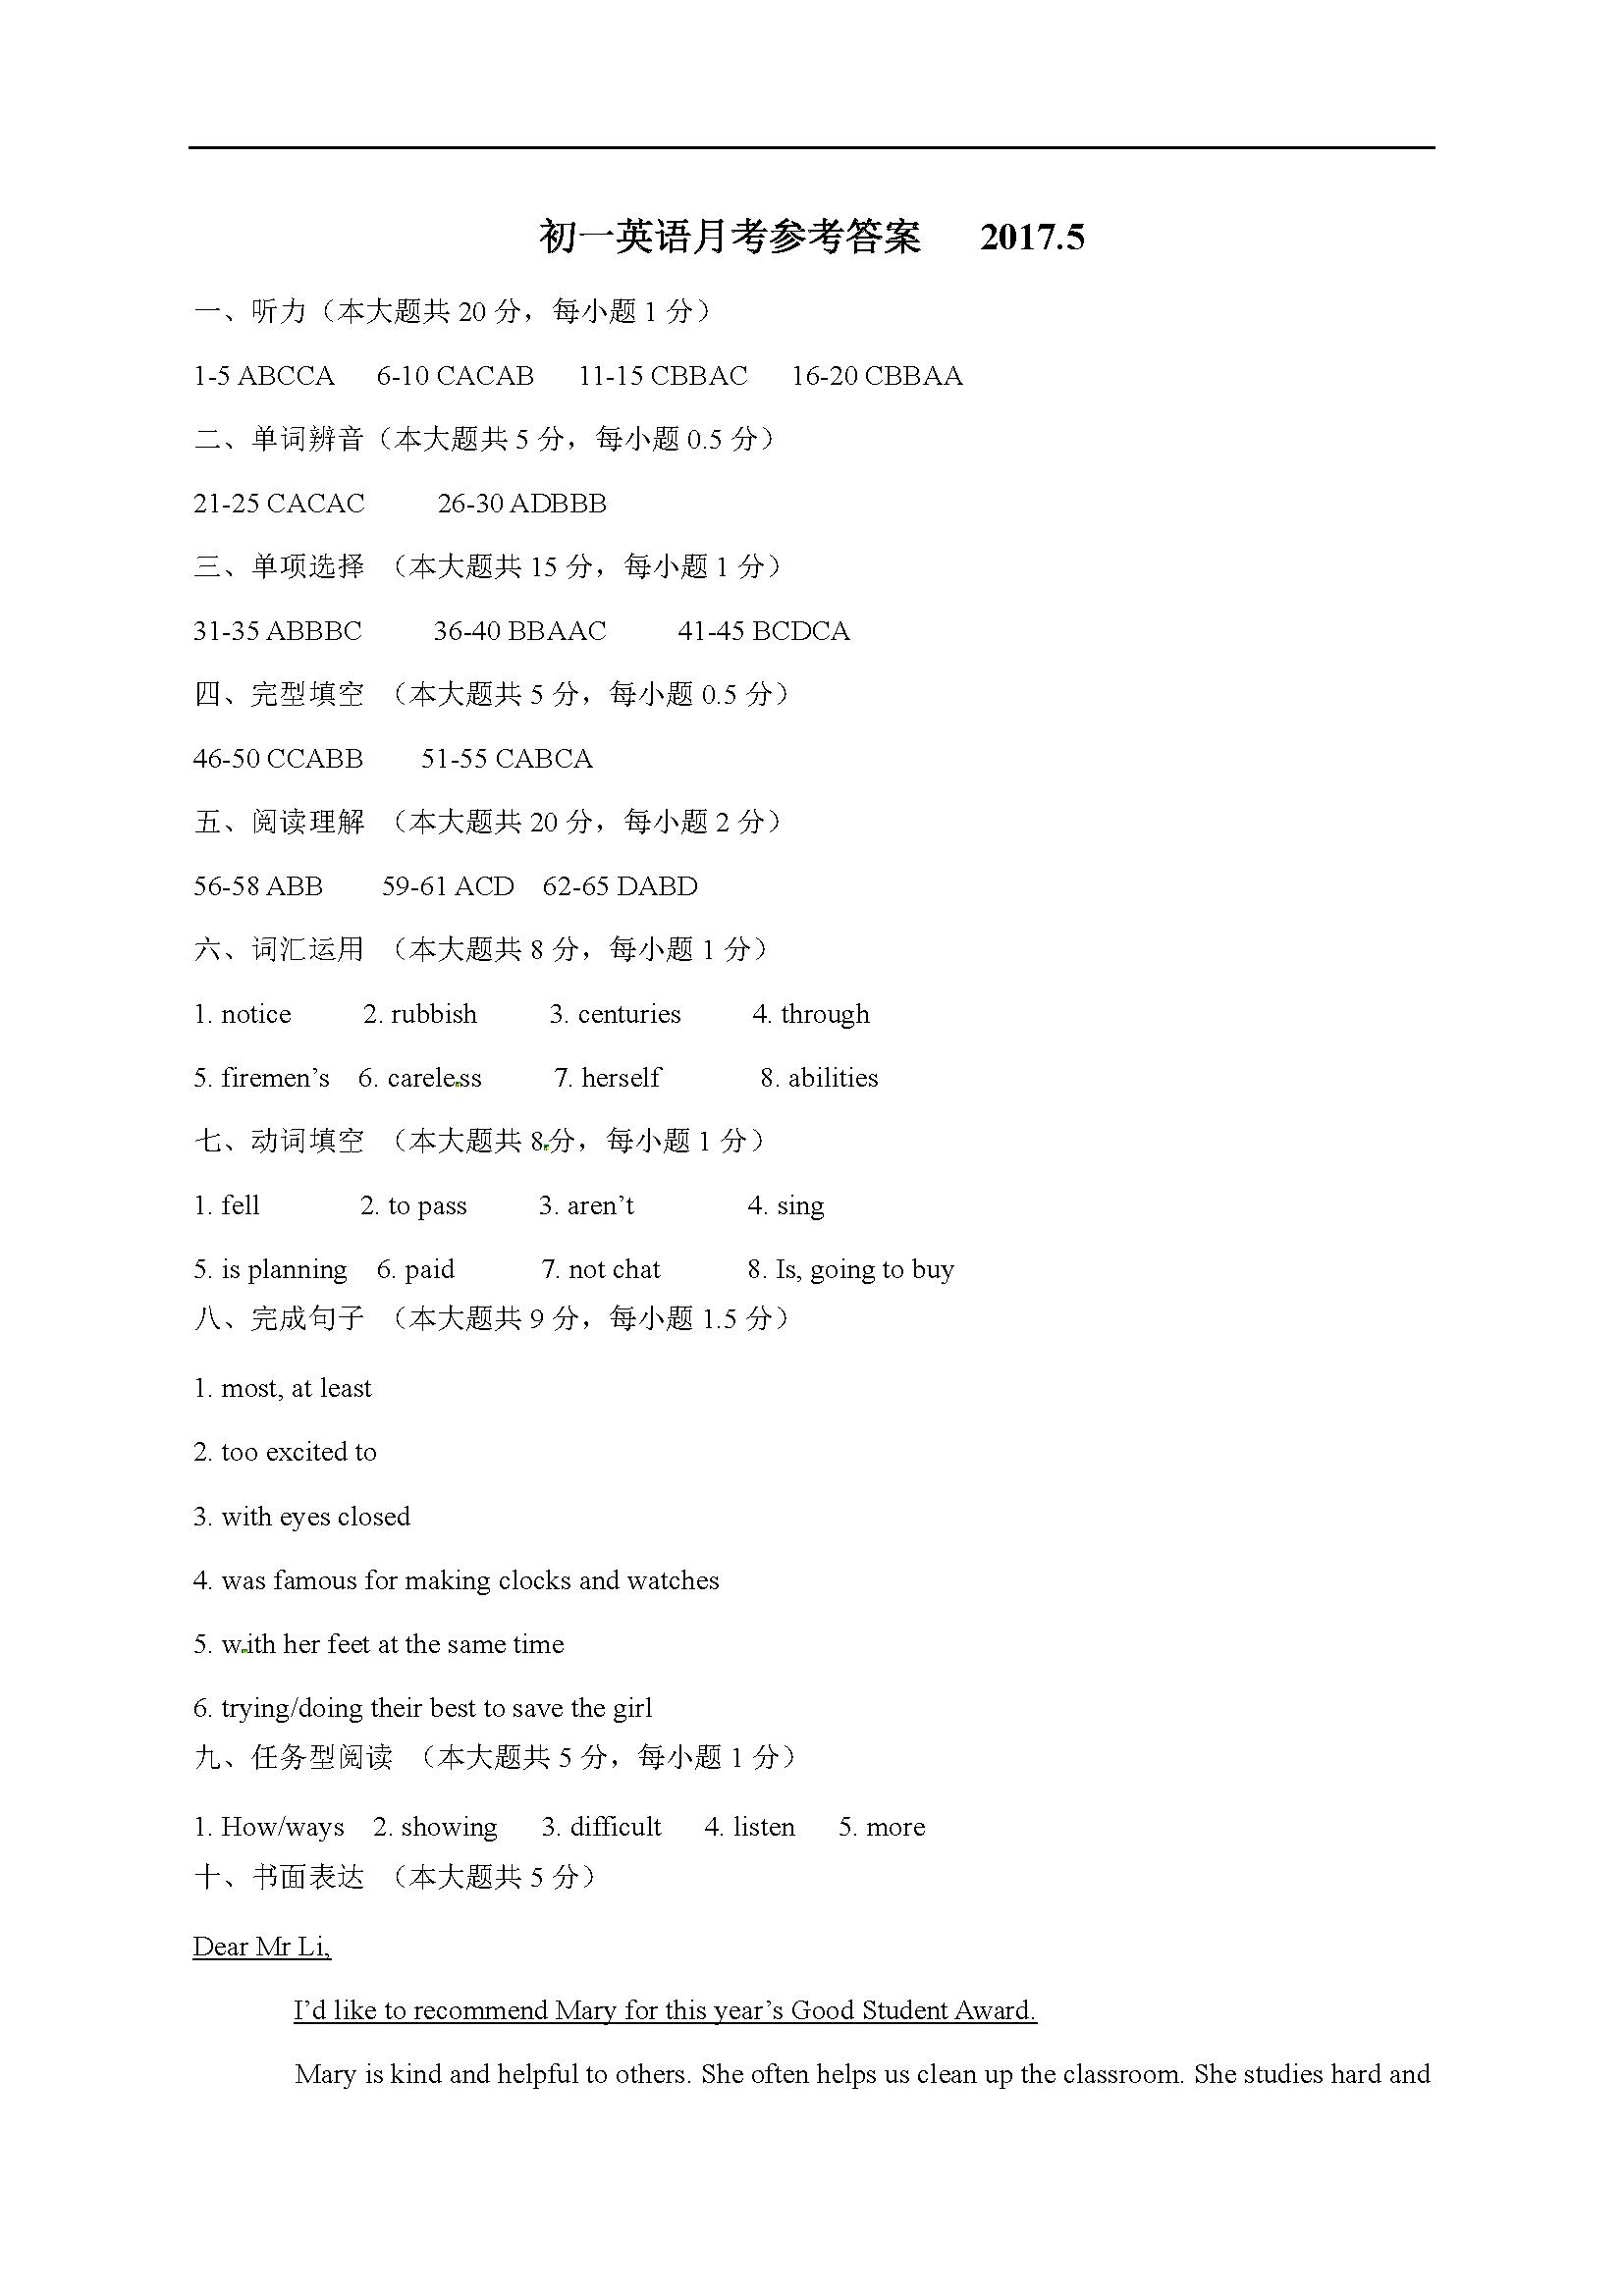 2017江苏无锡江阴周庄中学七年级5月月考英语试题答案(图片版)